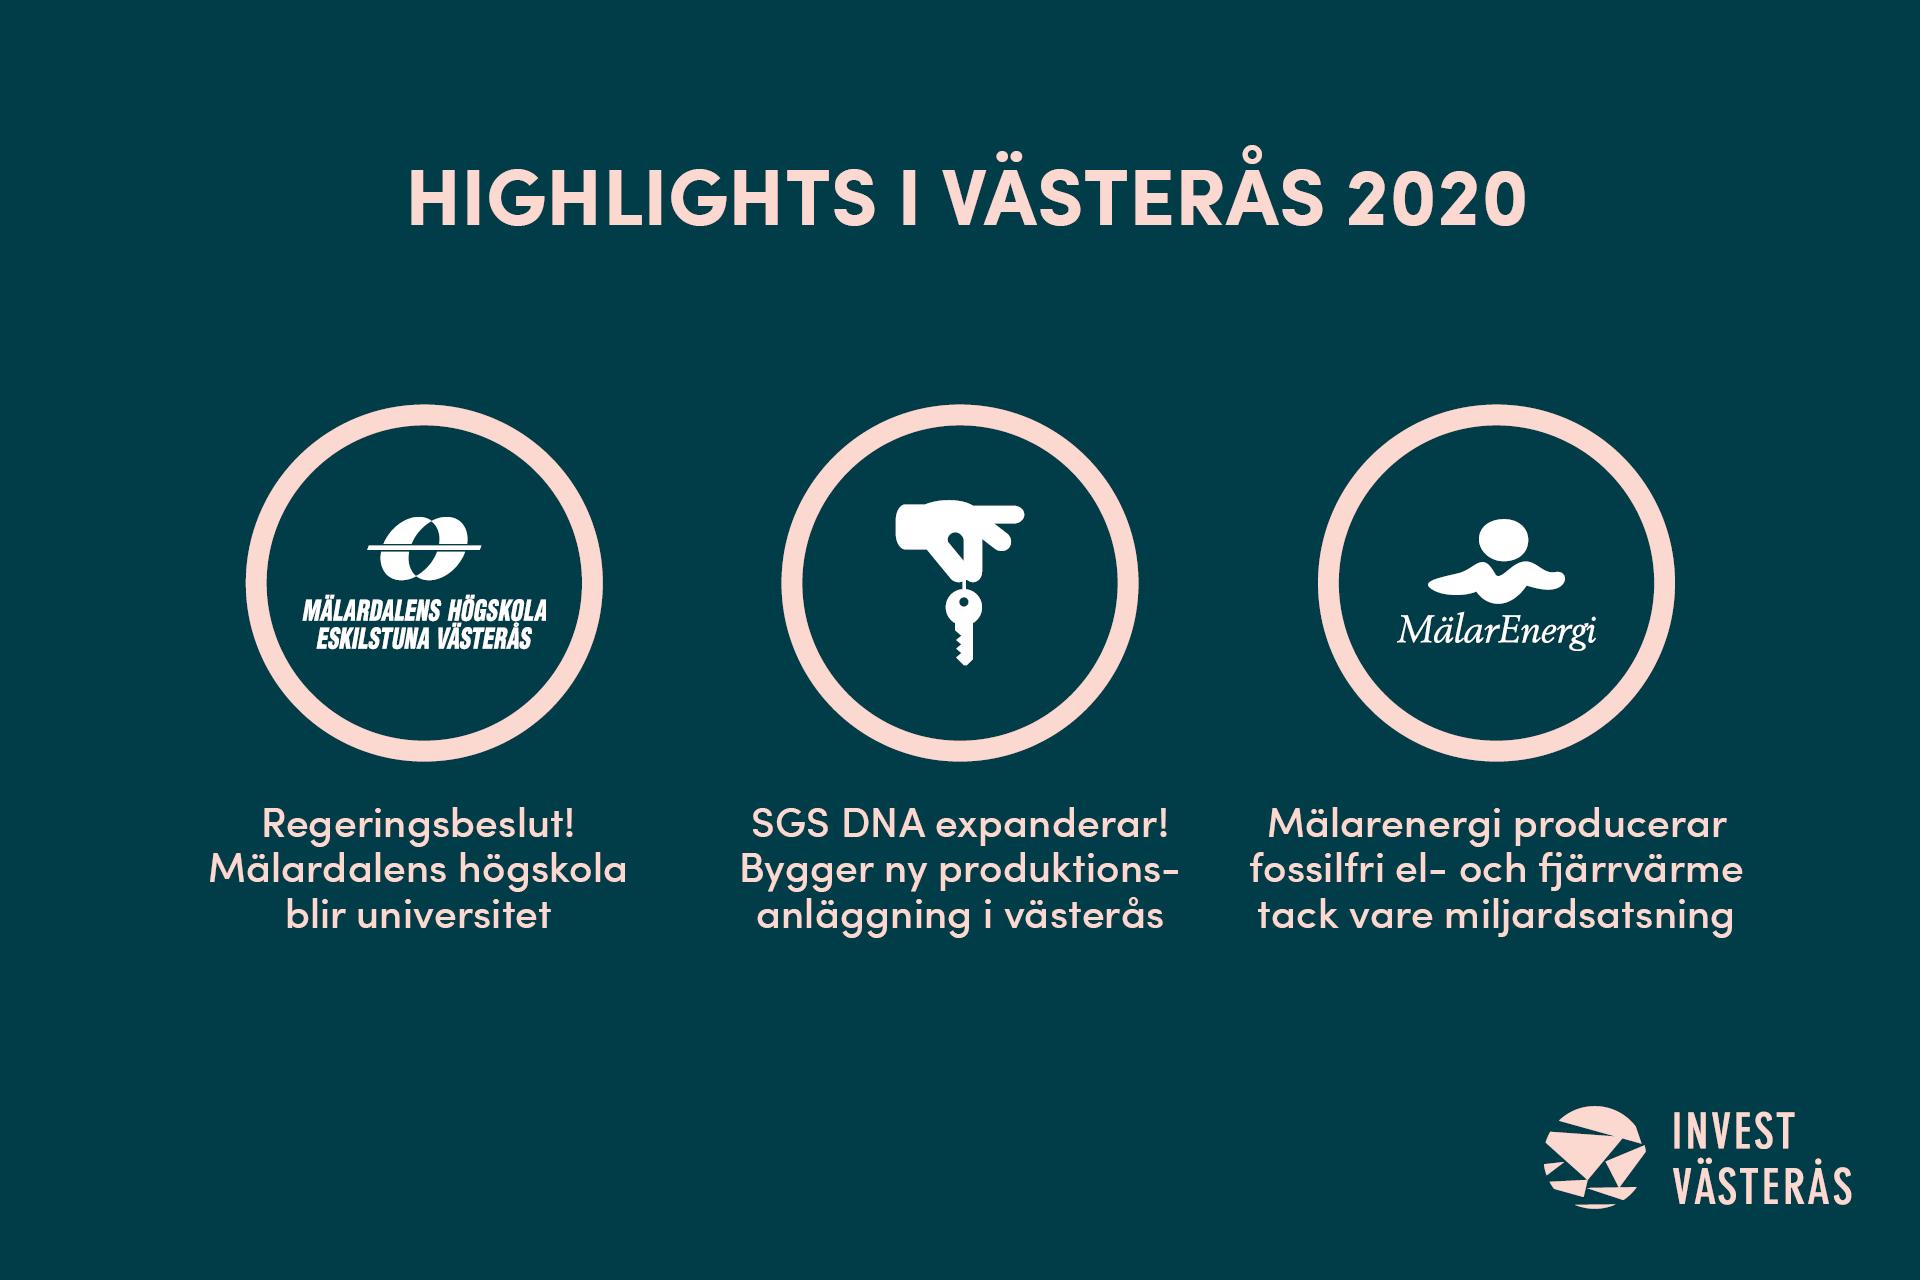 Illustration - highlights om Västerås näringsliv 2020